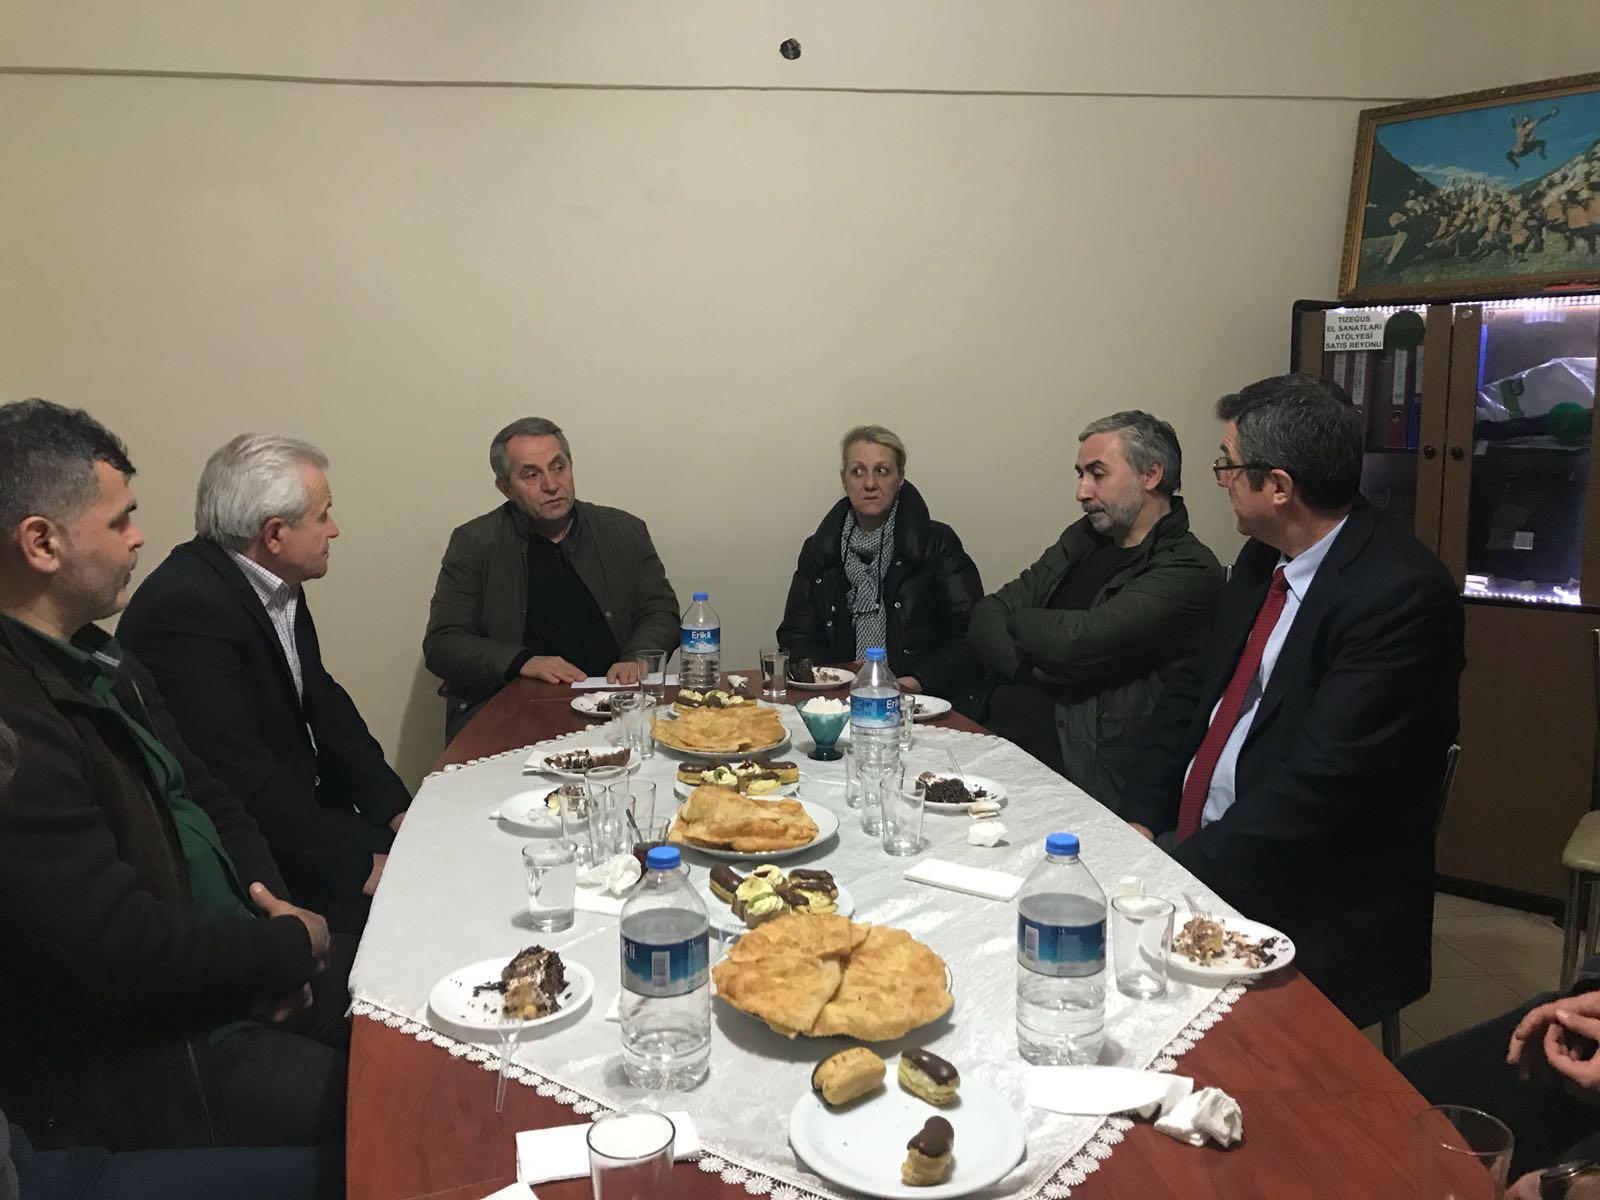 Düzce Abhaz Kültür Derneği'nden Derneğimize Ziyaret